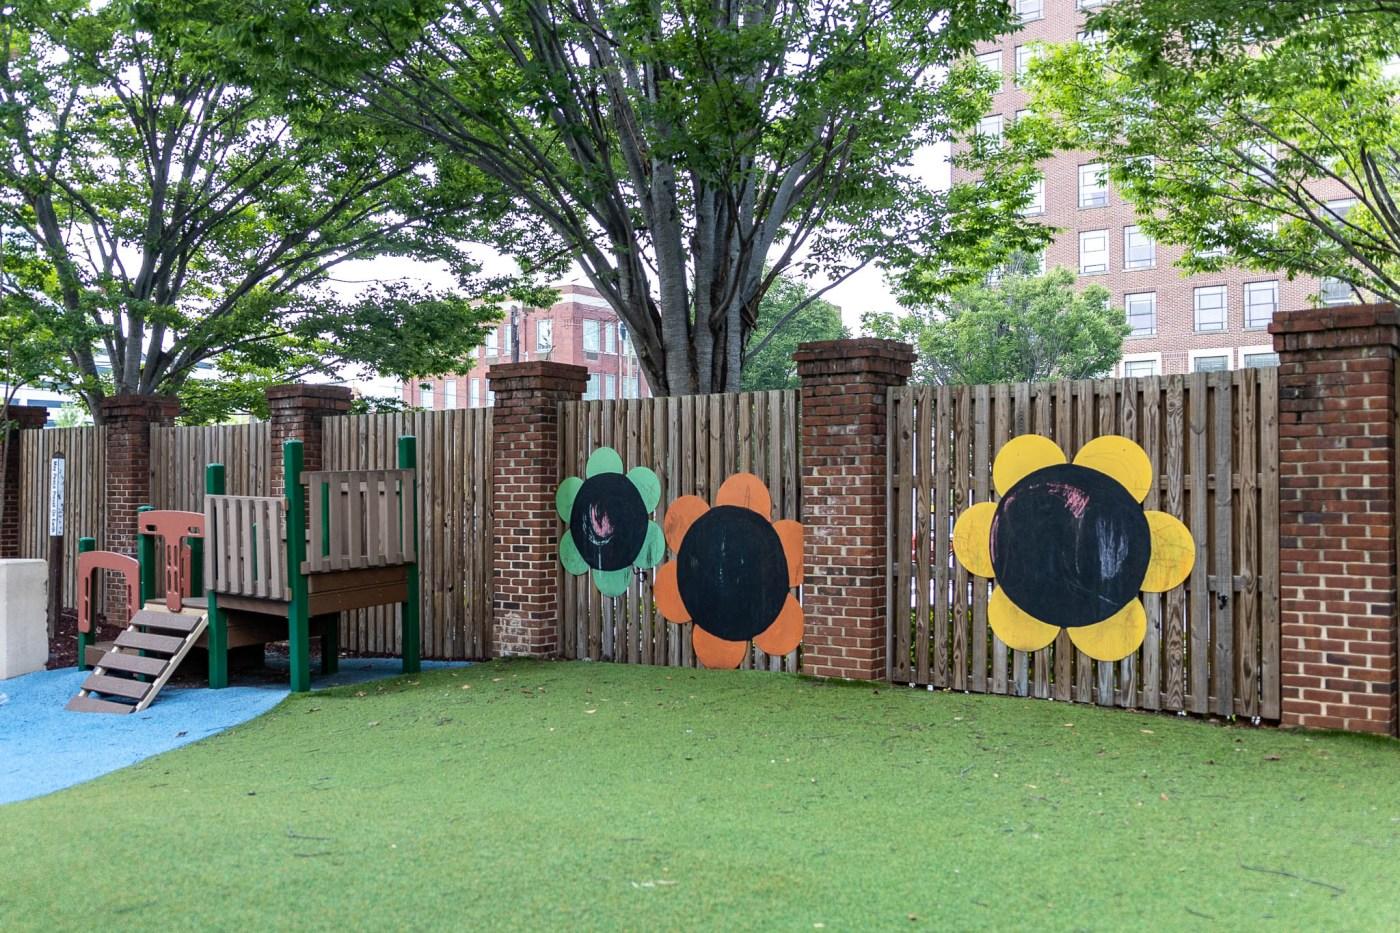 YWCA playground